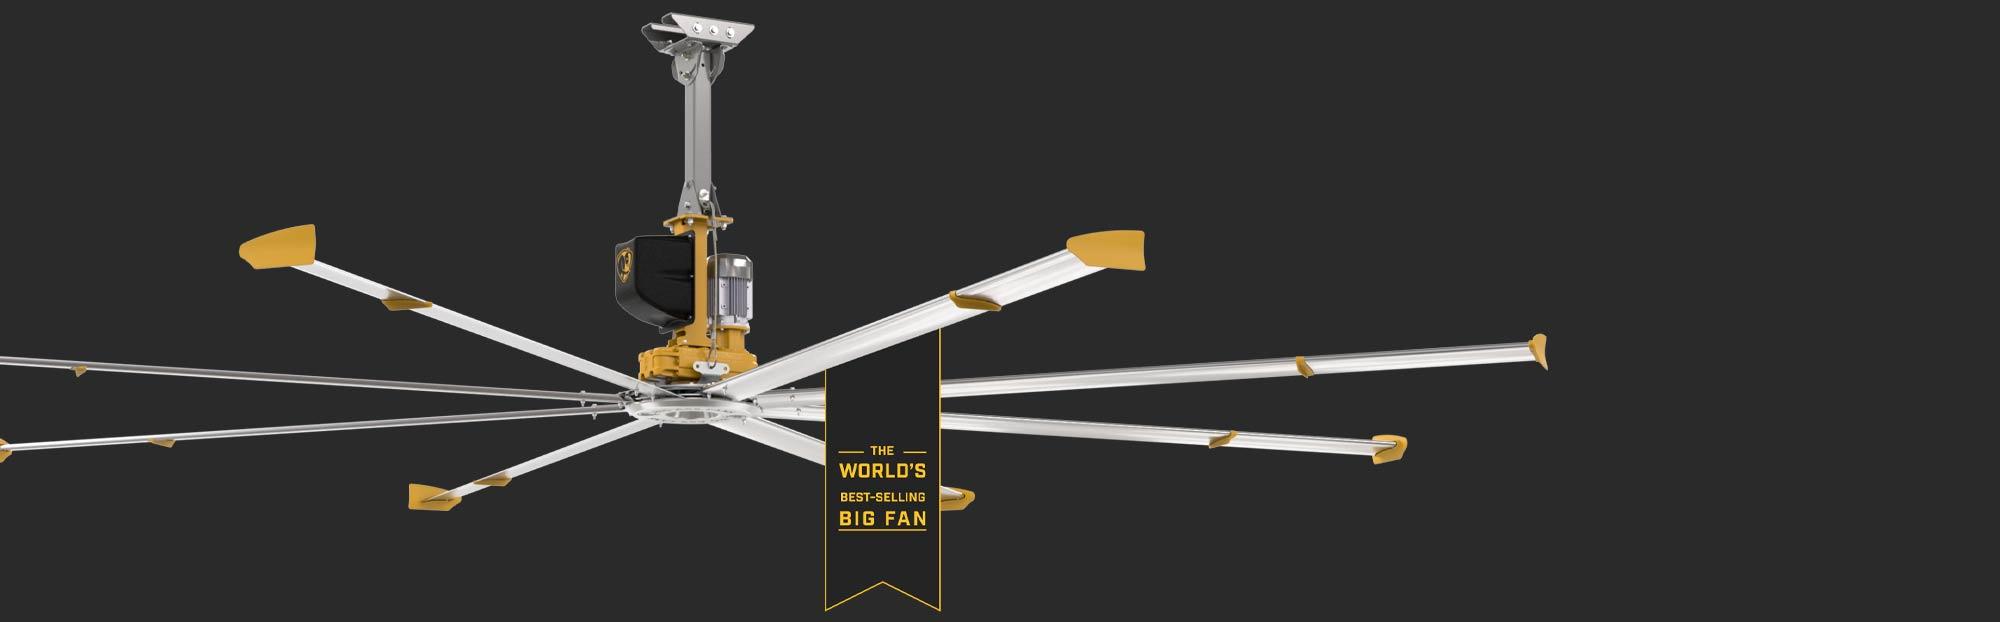 Powerfoil X3.0 chất lượng từ Hoa Kỳ